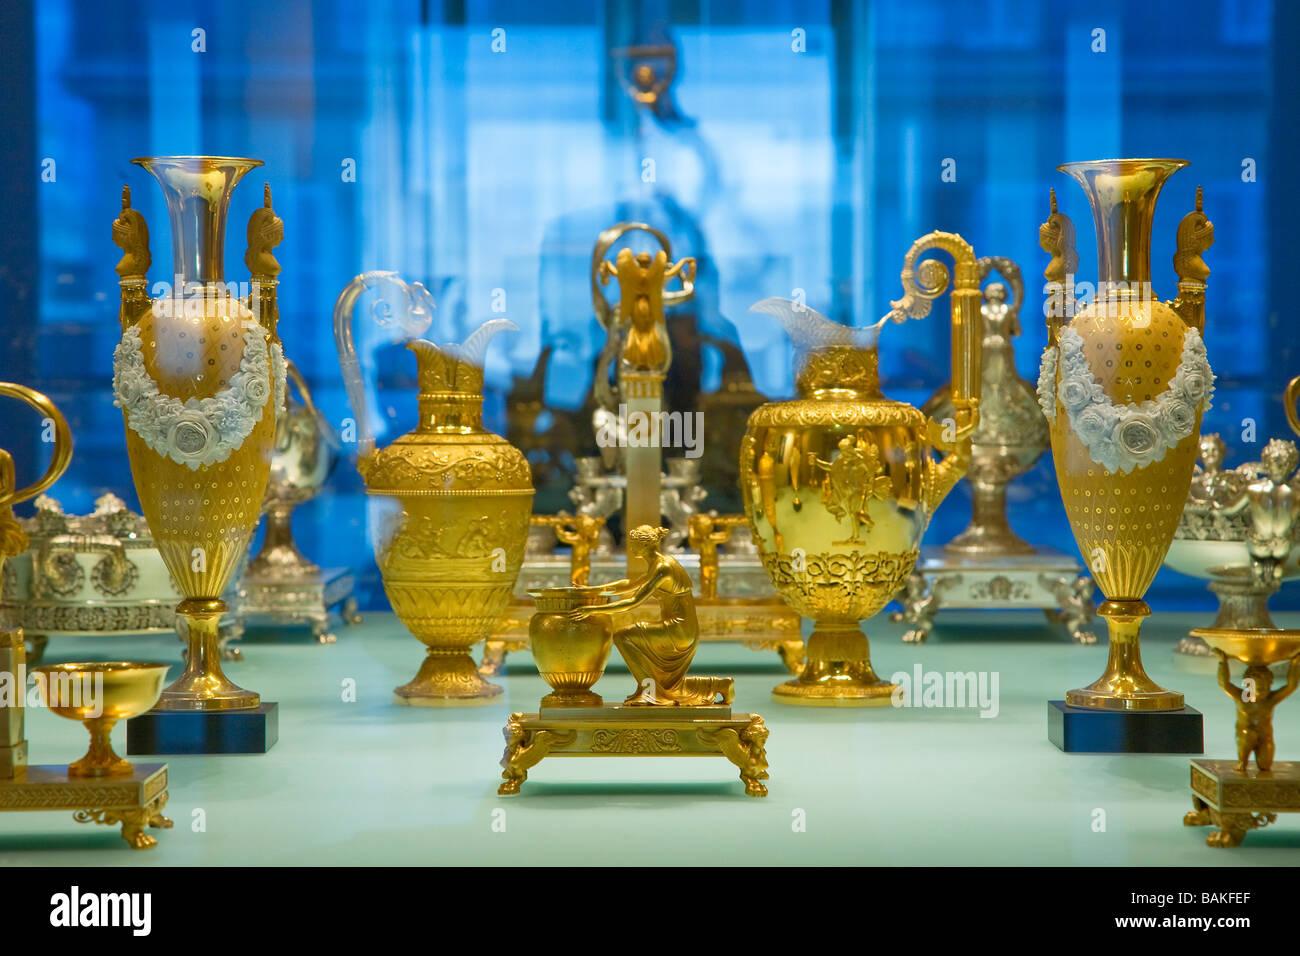 France, Paris, Musee des Arts Decoratifs (Museum of Decorative Arts on